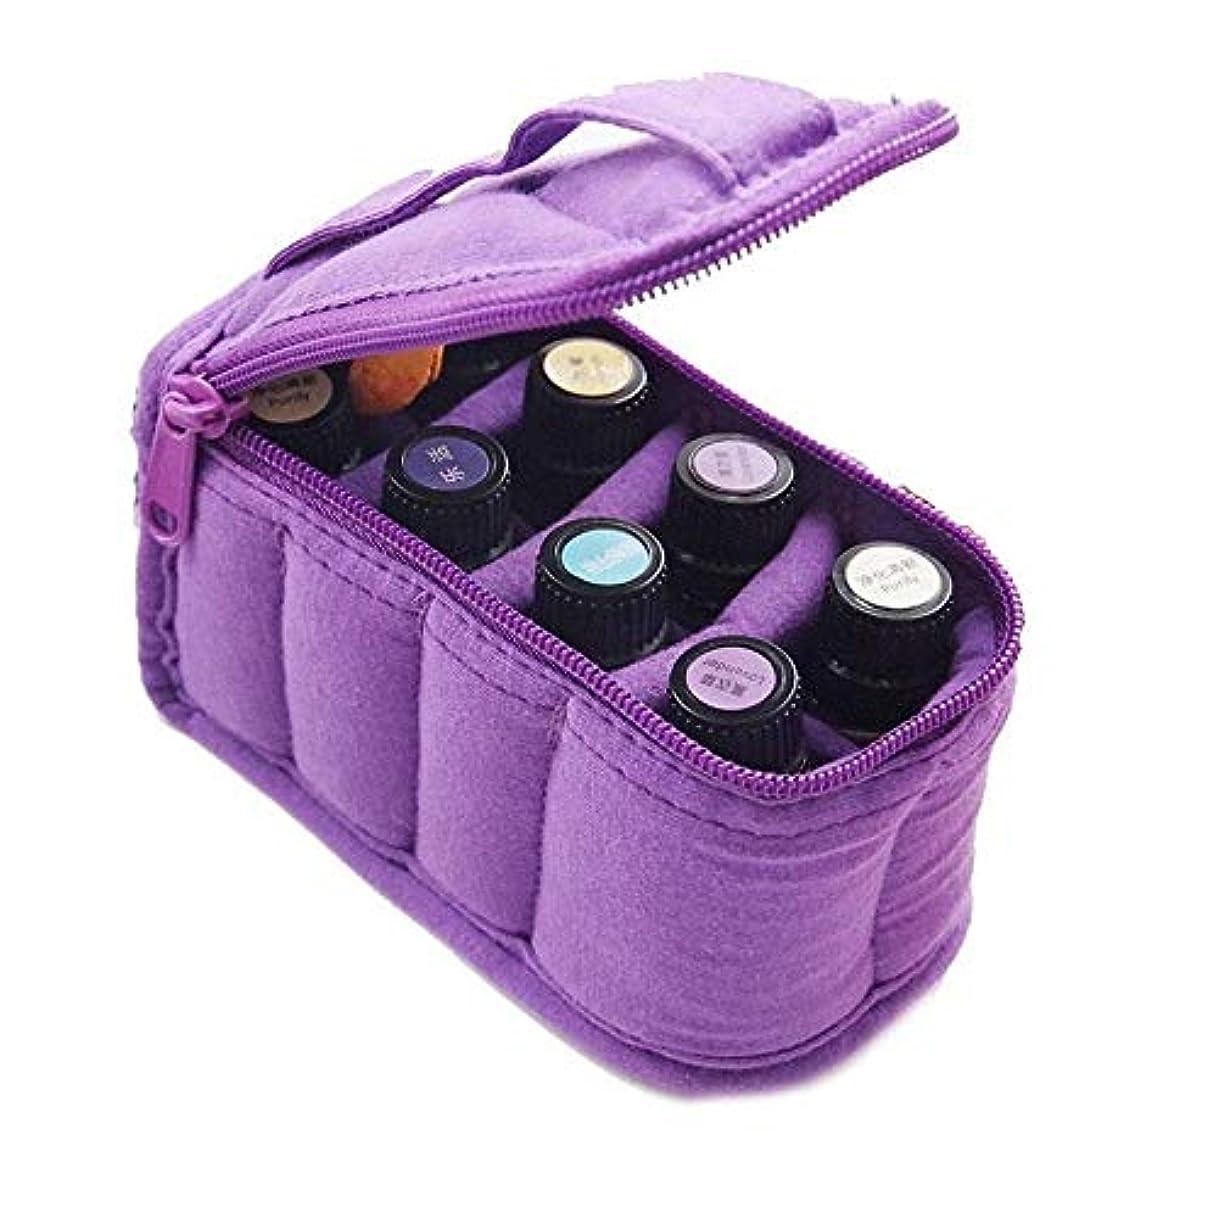 コックゼリー保守的アロマセラピー収納ボックス 10-15MLオイルオーガナイザーバッグは、フロントオイルホルスターに高レベルの保護を扱います エッセンシャルオイル収納ボックス (色 : 紫の, サイズ : 13X7X7.5CM)